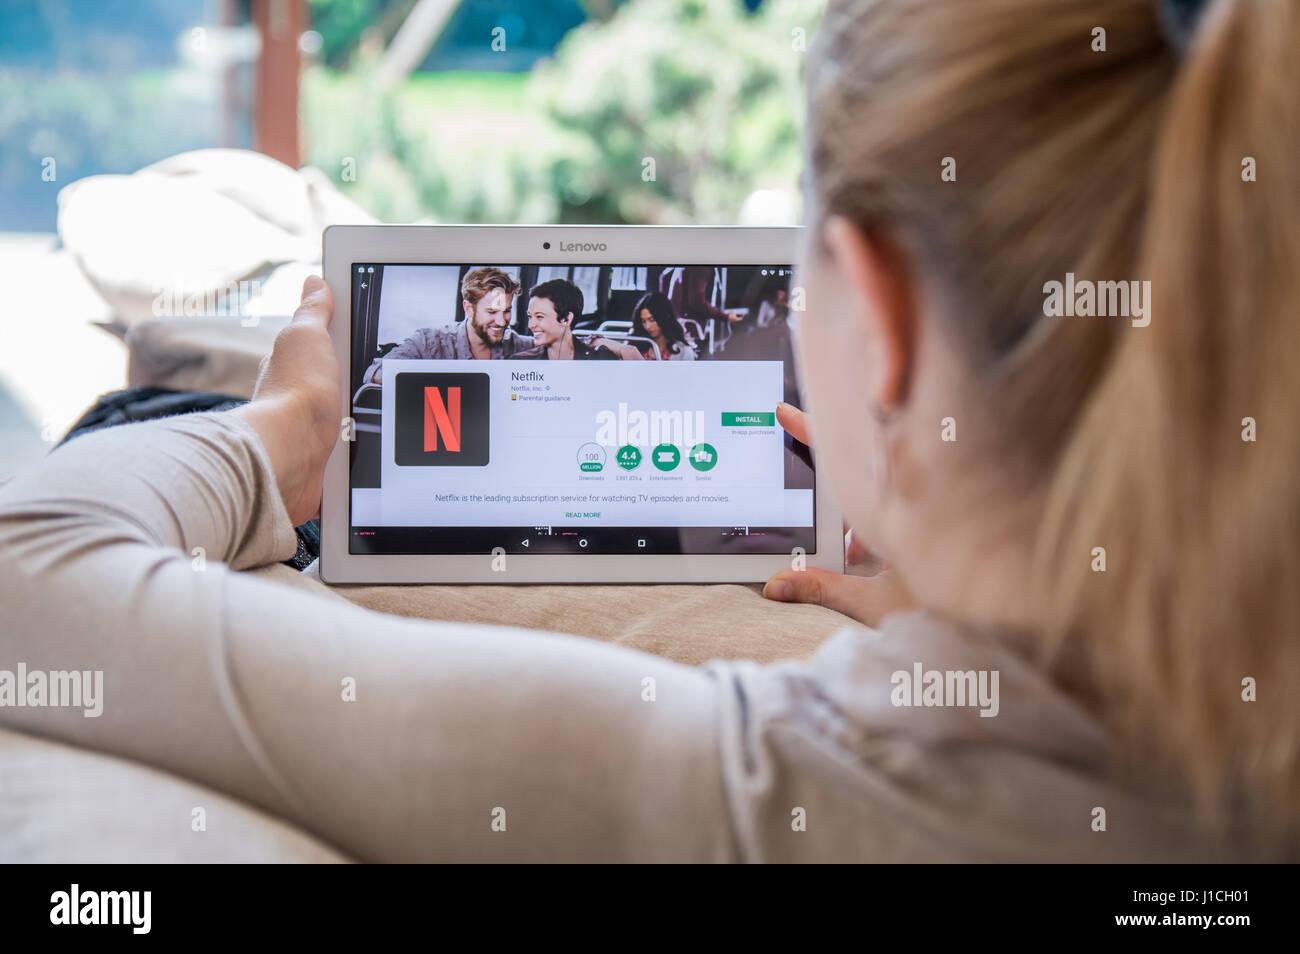 WROCLAW, Polonia- Abril 10th, 2017: la mujer es instalar la aplicación Netflix en Lenovo tablet. Netflix es Imagen De Stock